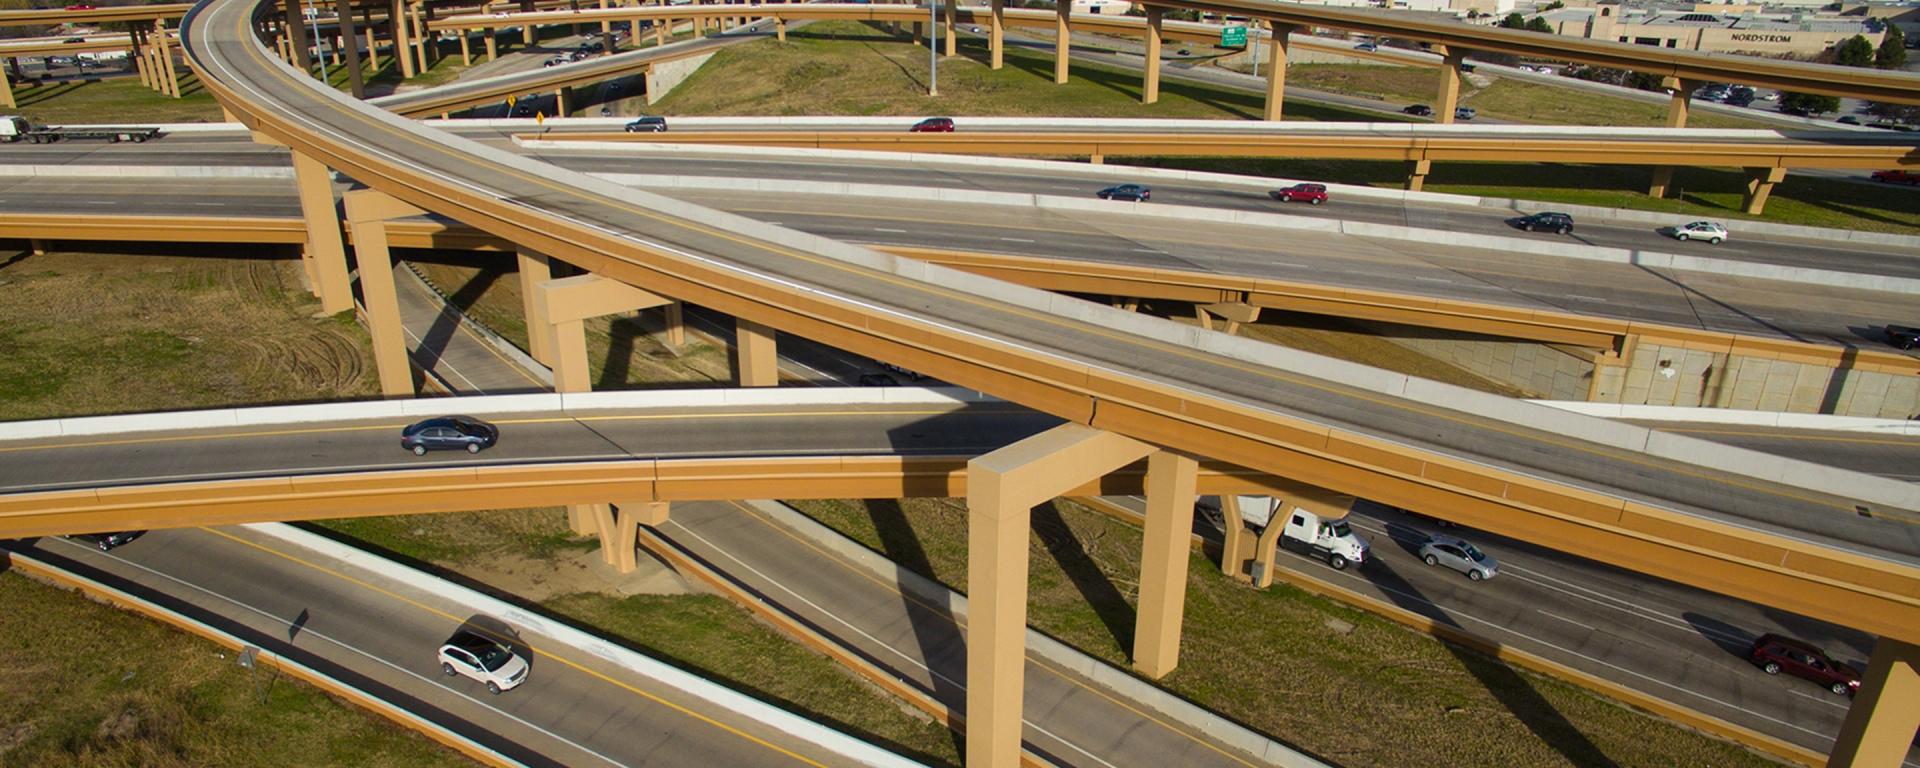 Autopistas de Dallas gestionadas por sistema dinámico Ferrovial